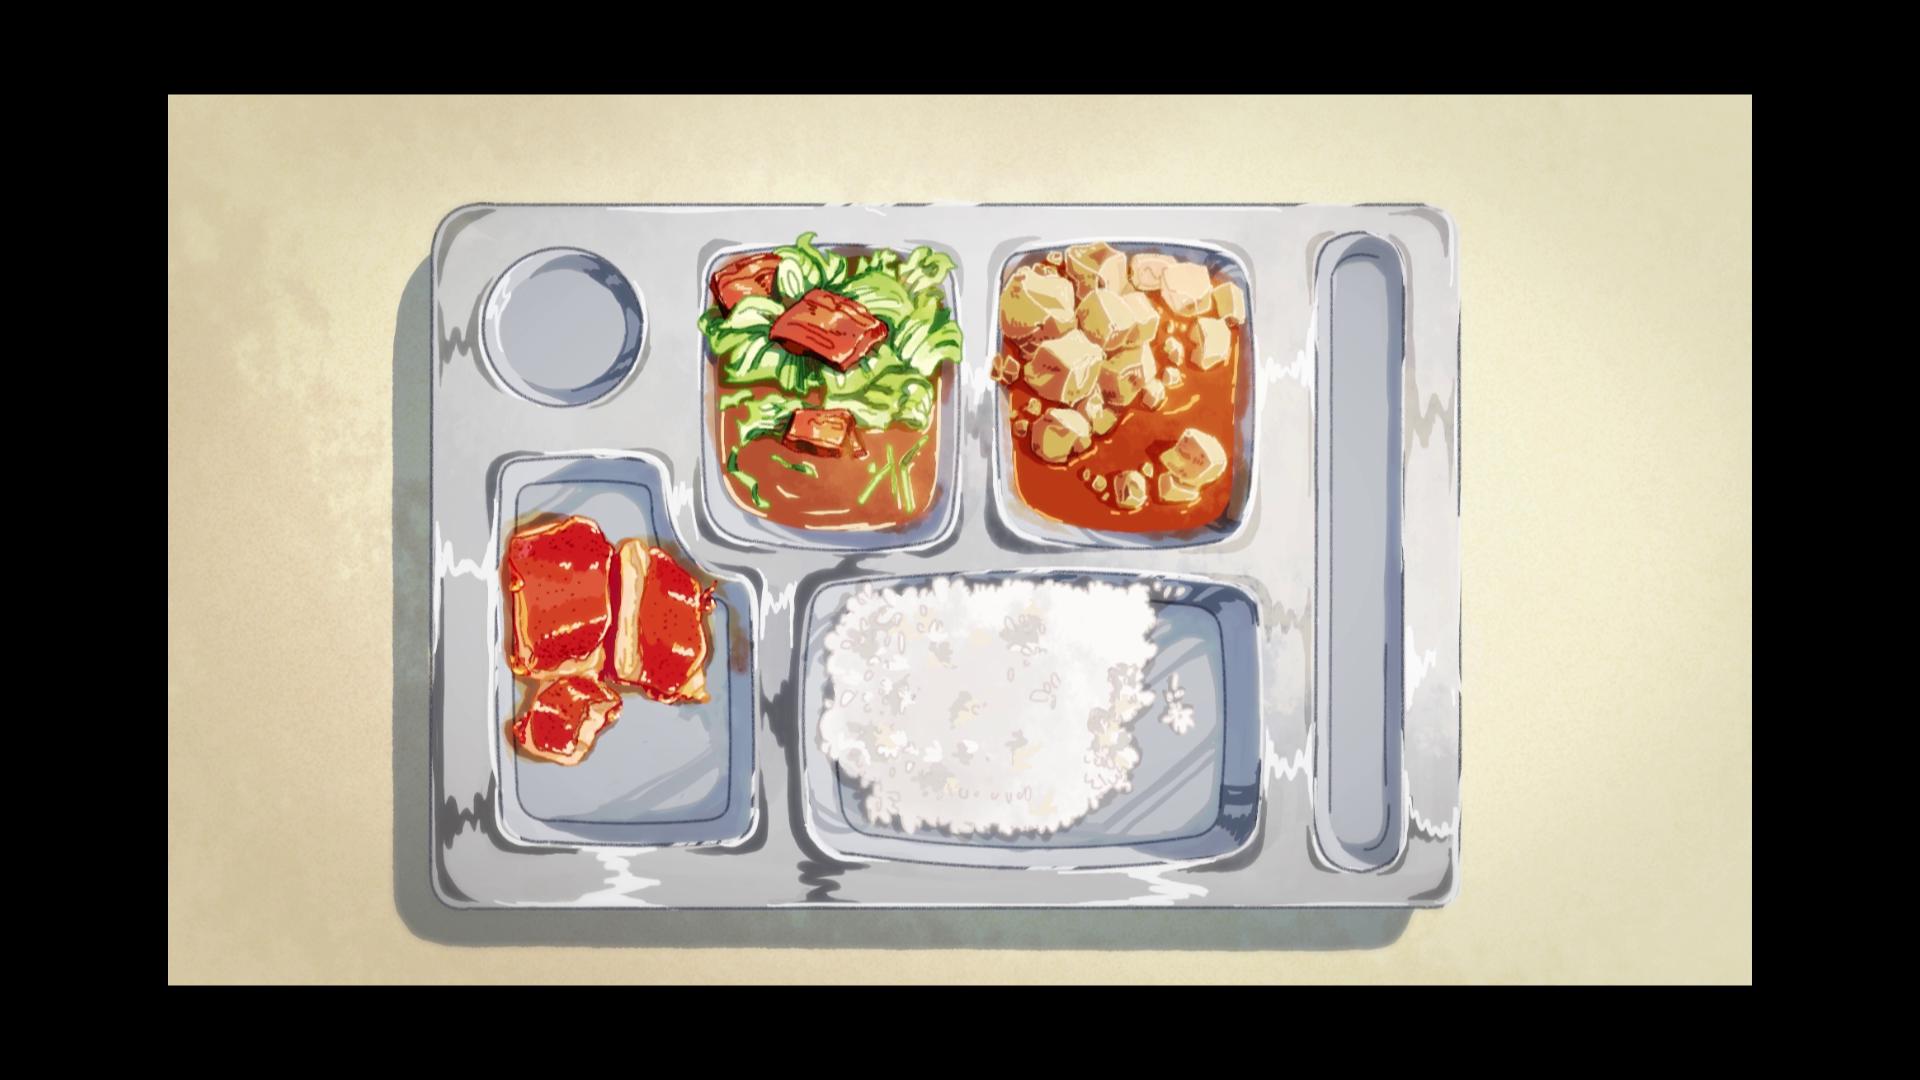 《答卷的青春》#动漫生姜2017#|红枣|动画片|中食谱母亲怎么做图片